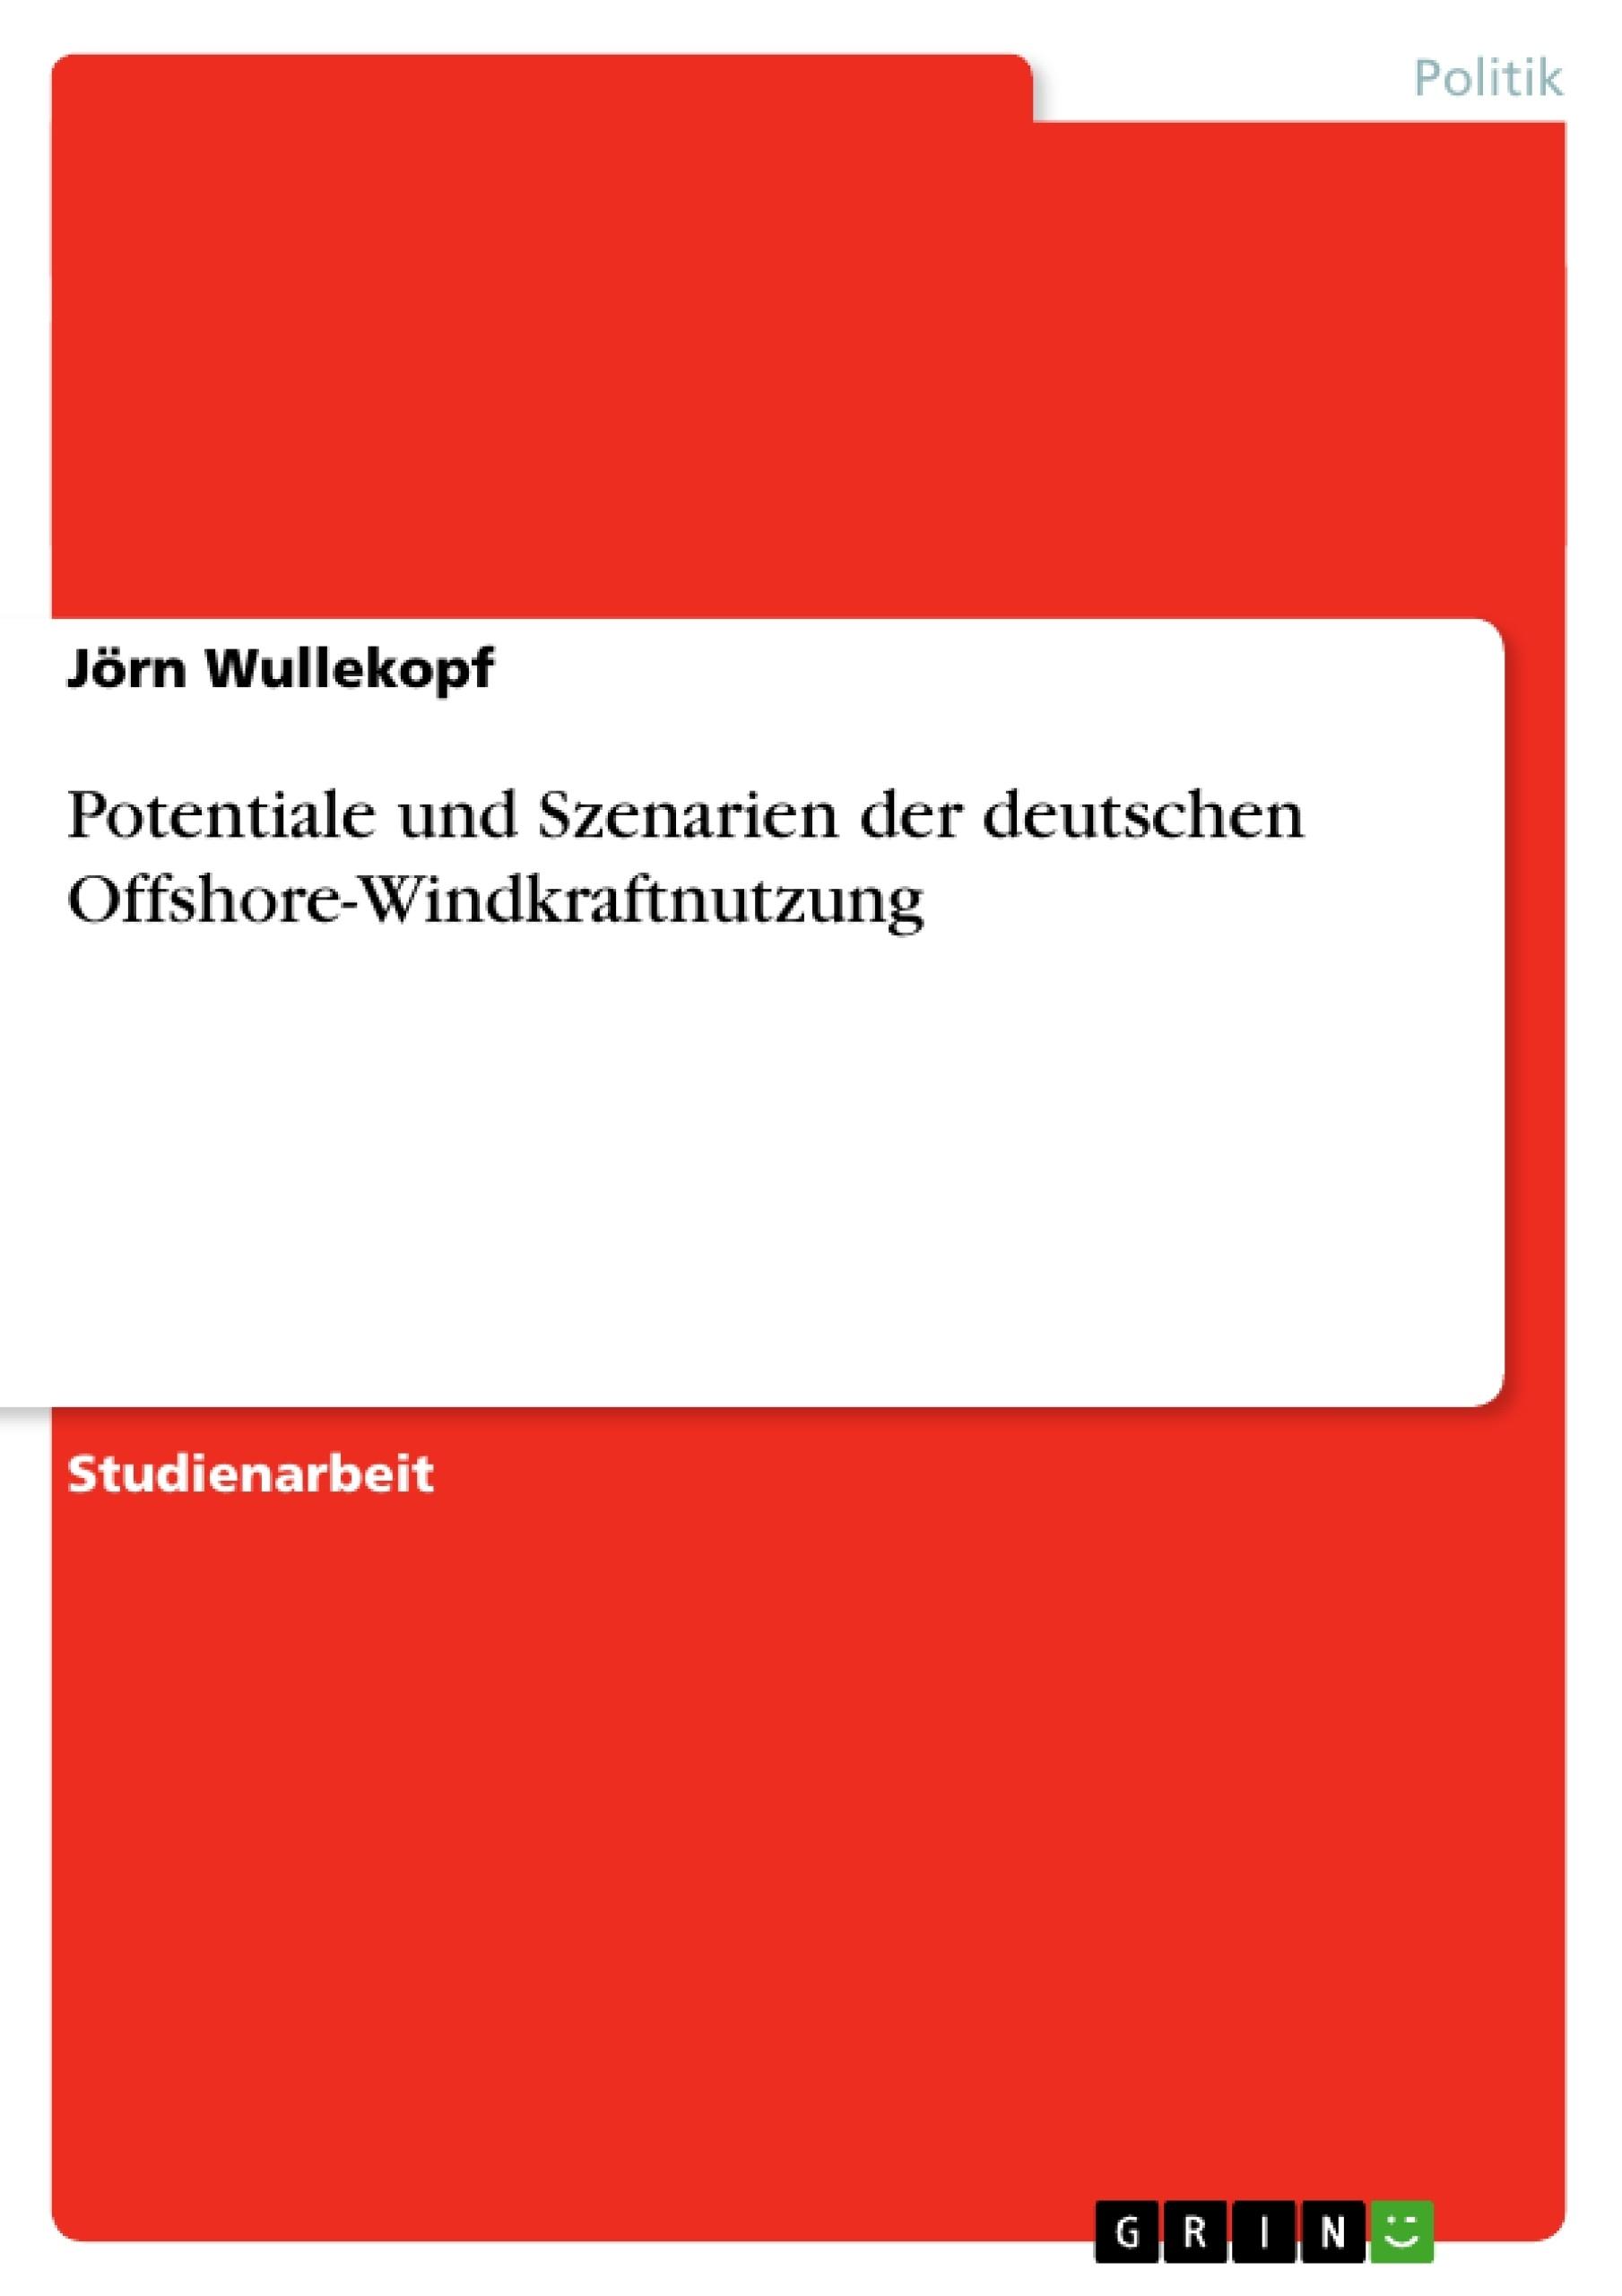 Titel: Potentiale und Szenarien der deutschen Offshore-Windkraftnutzung